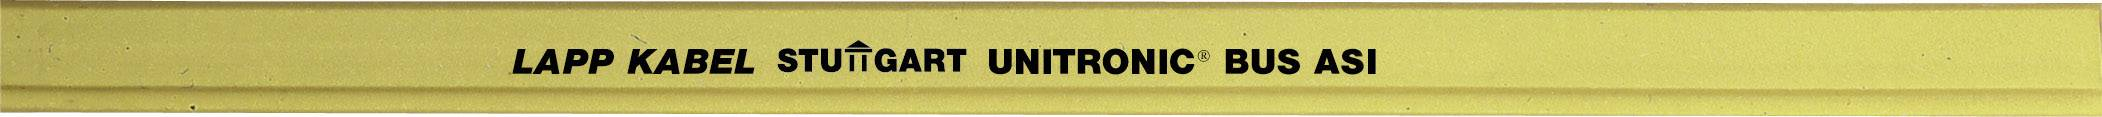 Sběrnicový kabel LappKabel UNITRONIC® BUS 2170230, žlutá, 100 m